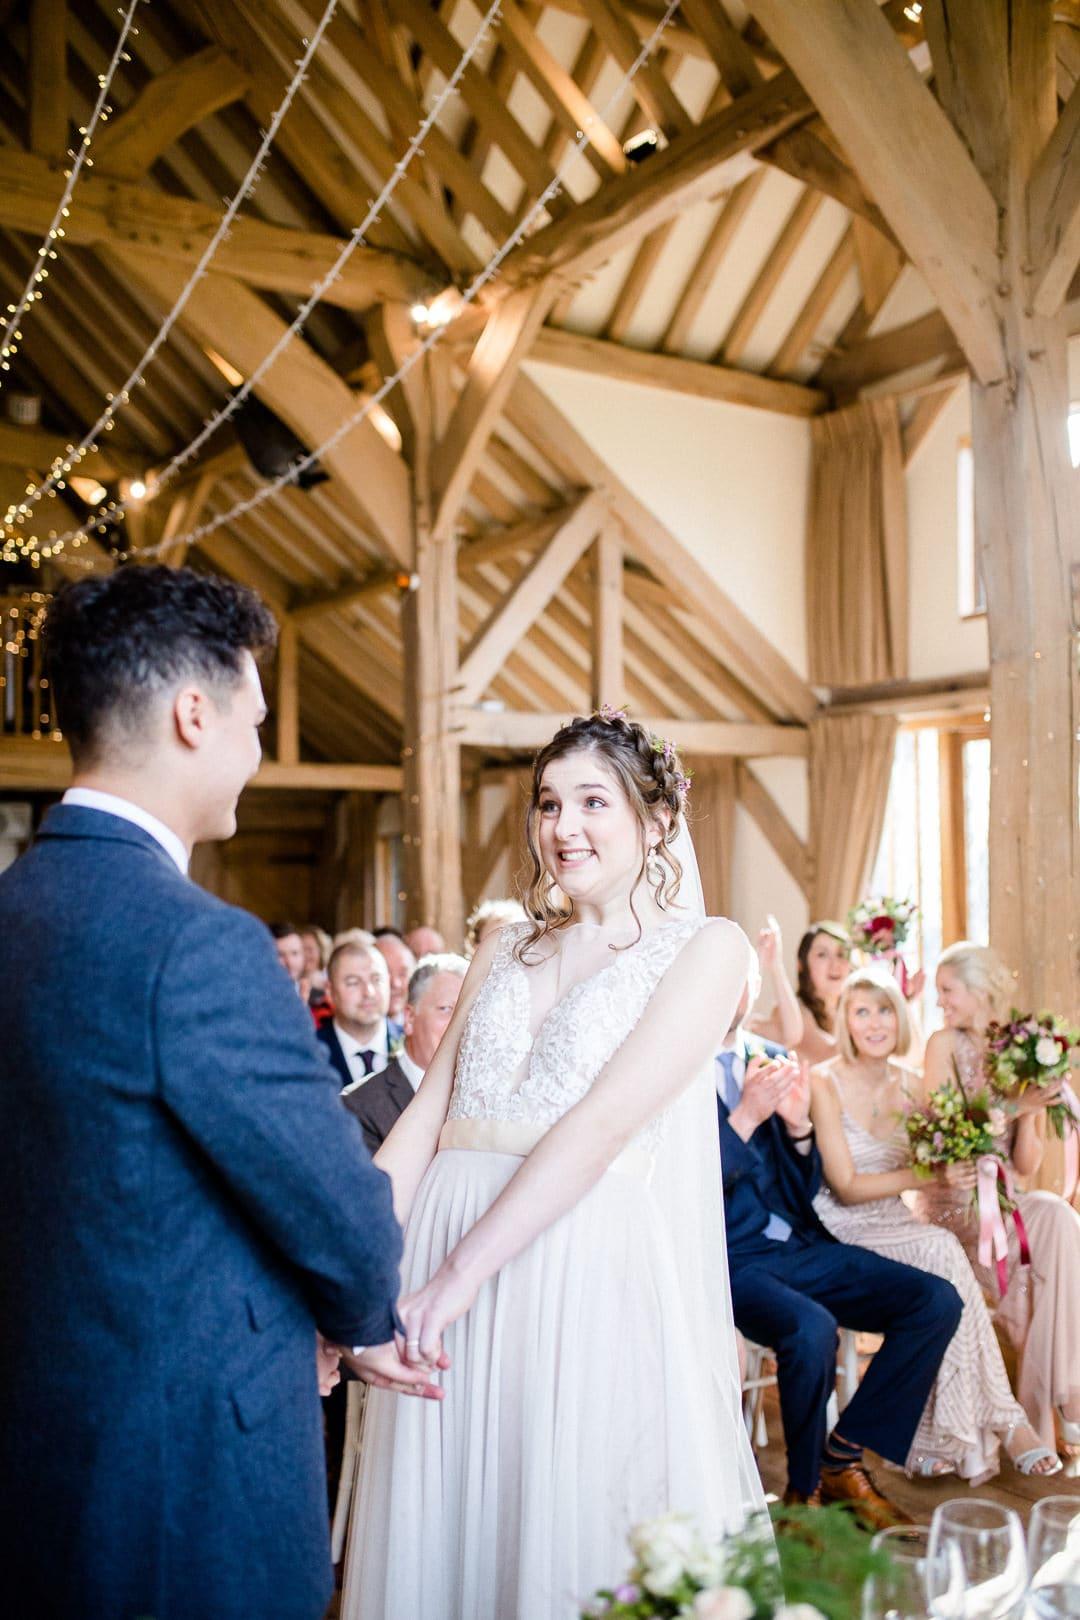 Happy bride wedding ceremony